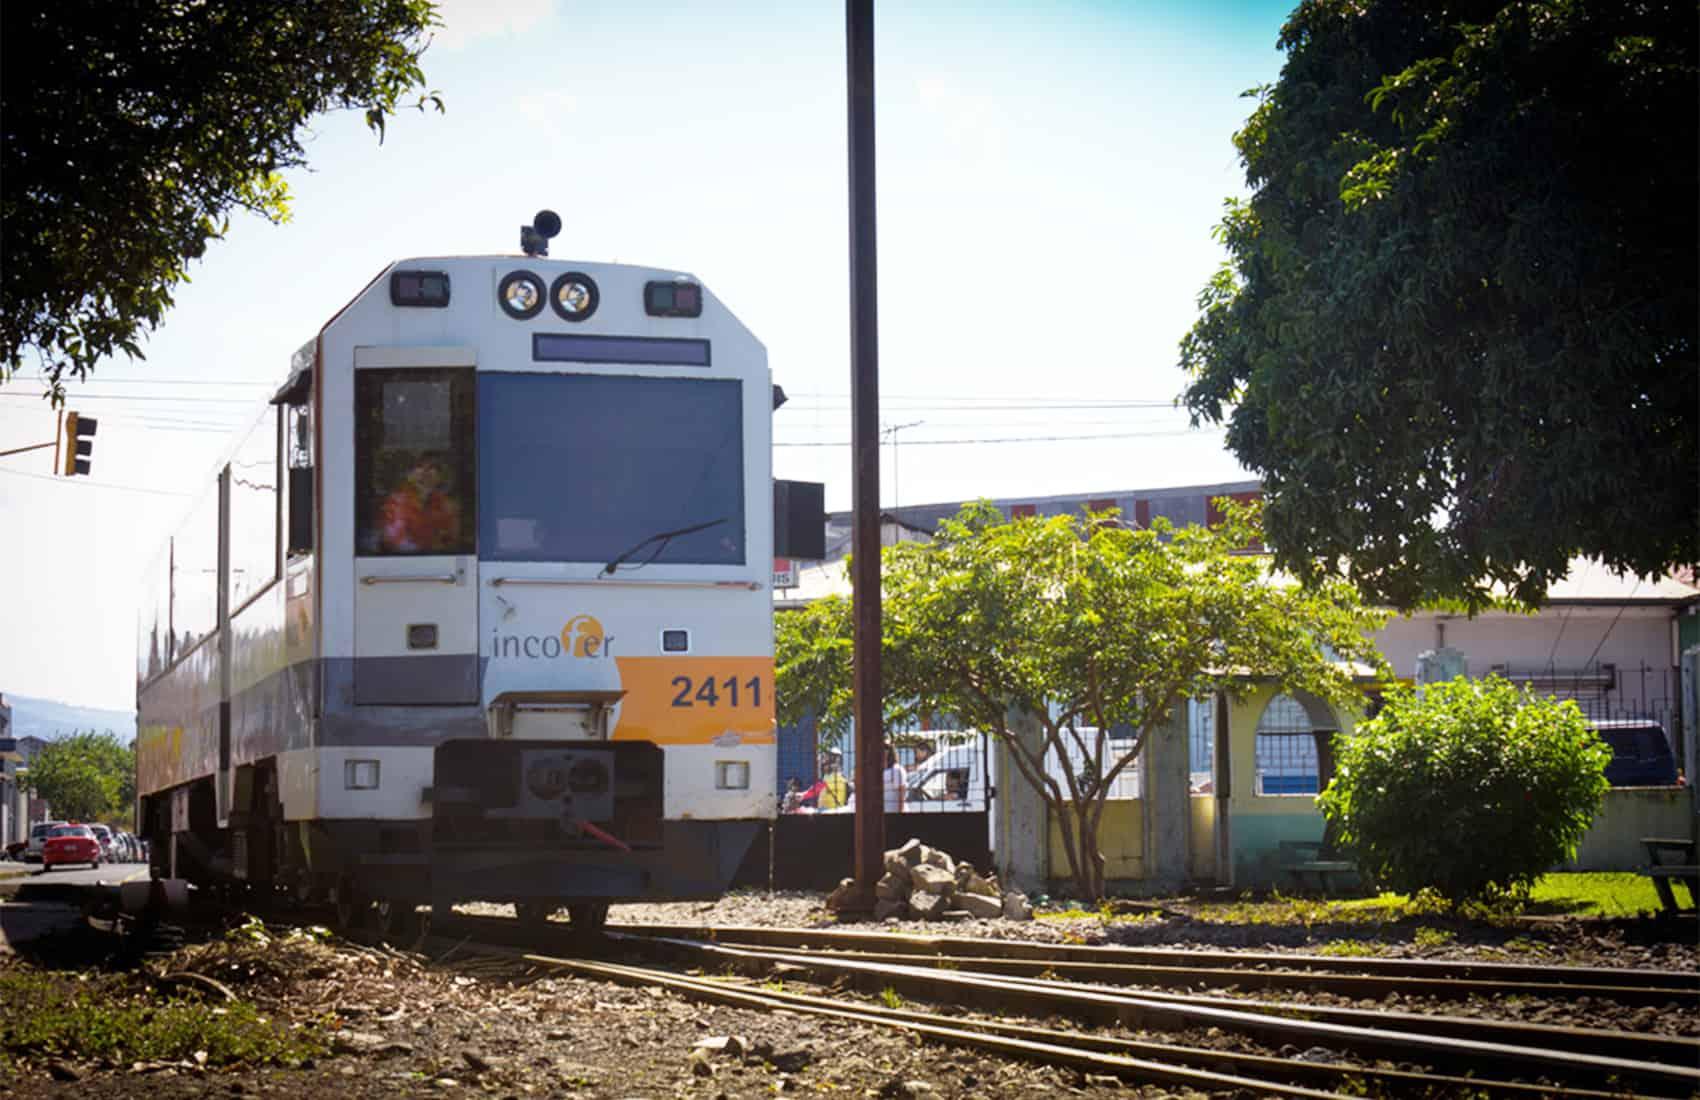 Incofer train